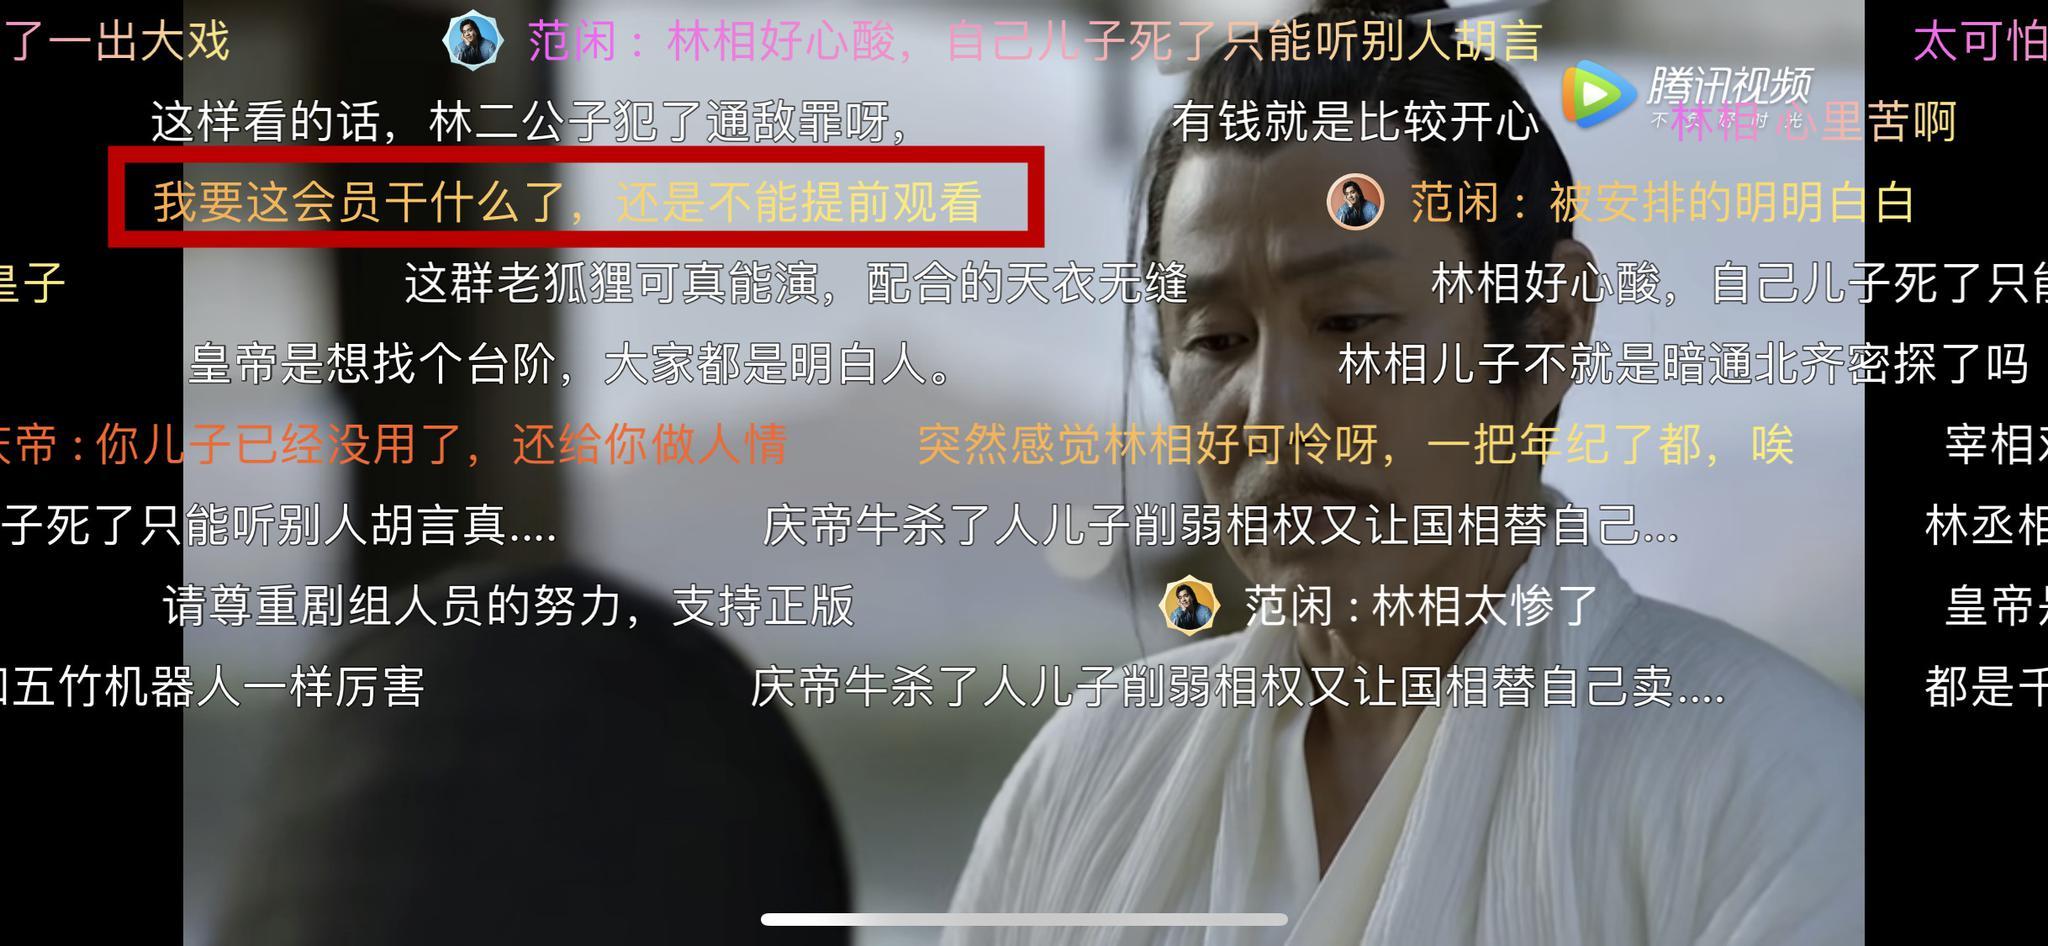 《庆余年》反倒火了郭麒麟,导演问客串片酬,他一句话回应!